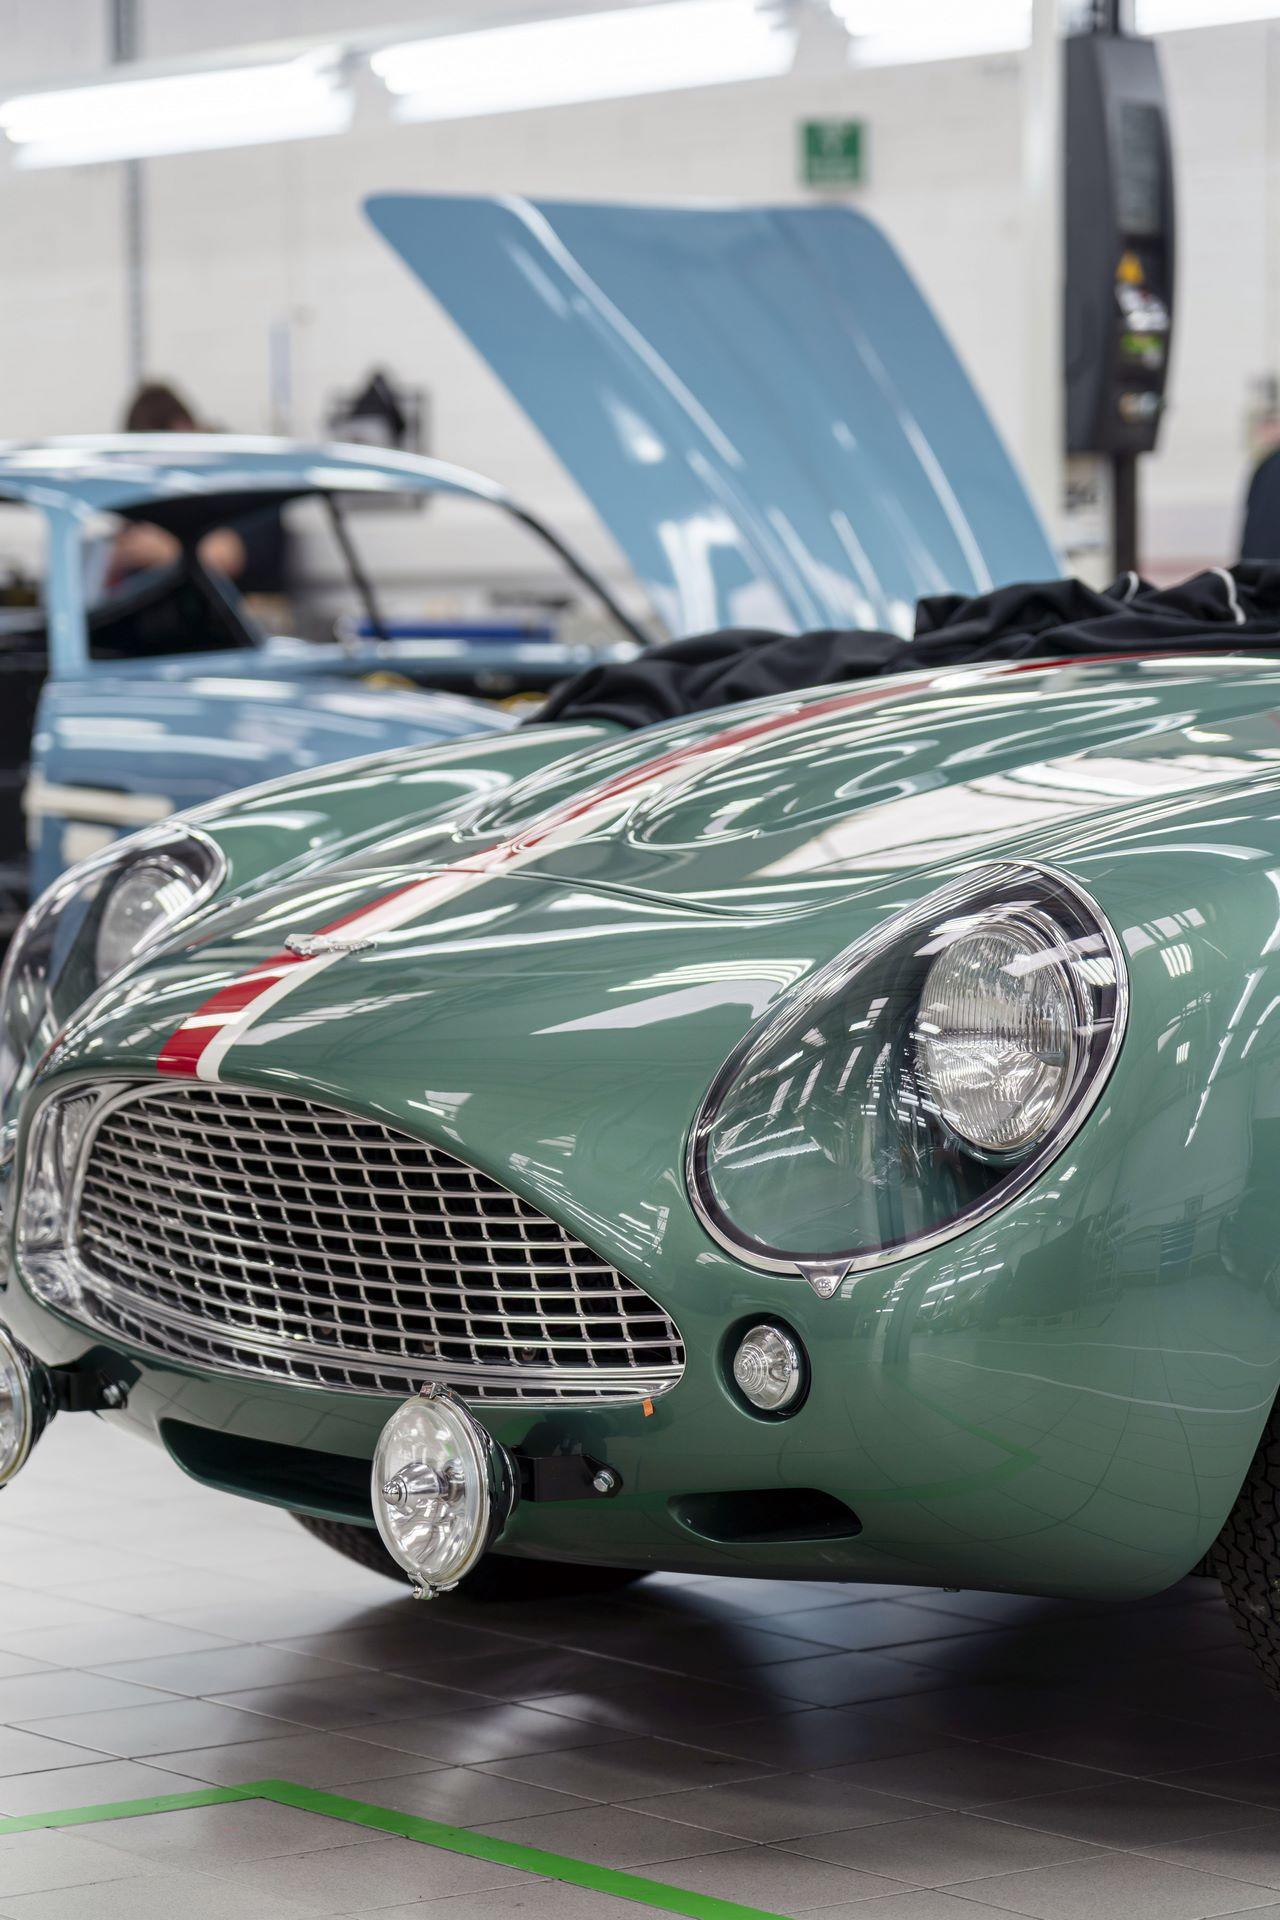 Aston-Martin-DB4-GT-Zagato-Continuation-first-delivery-22